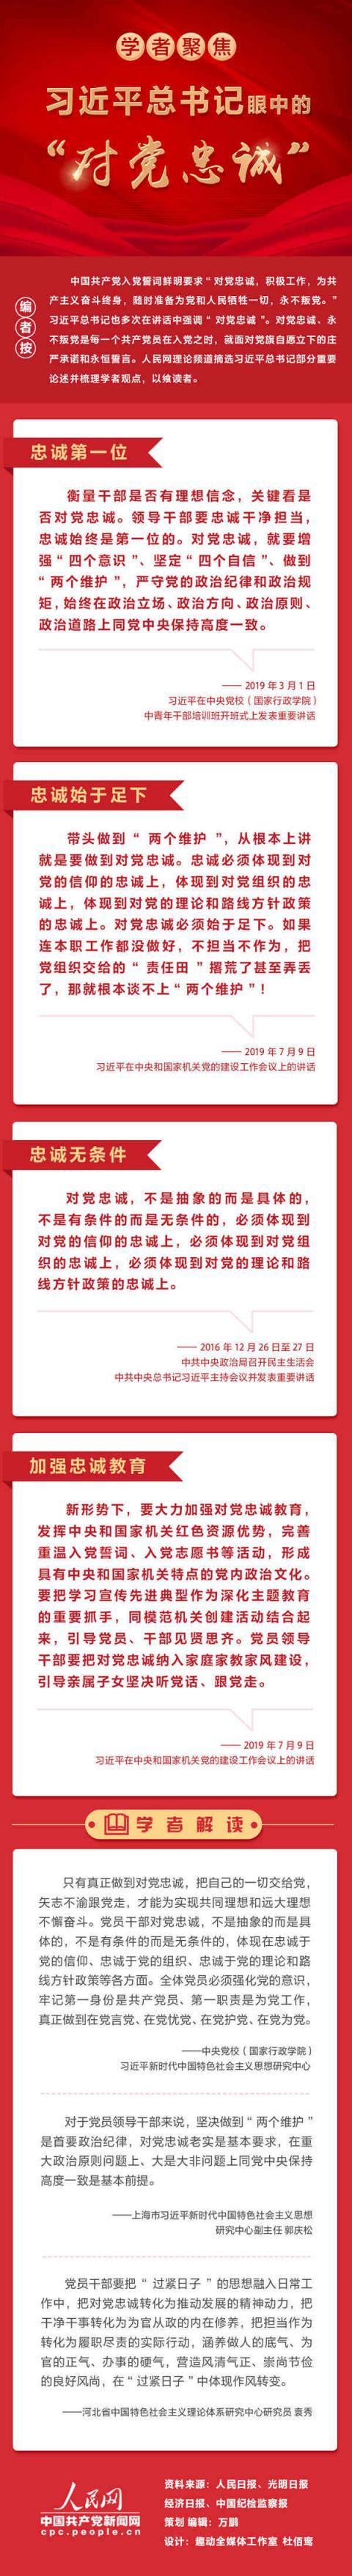 """【郑也夫】_图解:习近平总书记眼中的""""对党忠诚"""""""